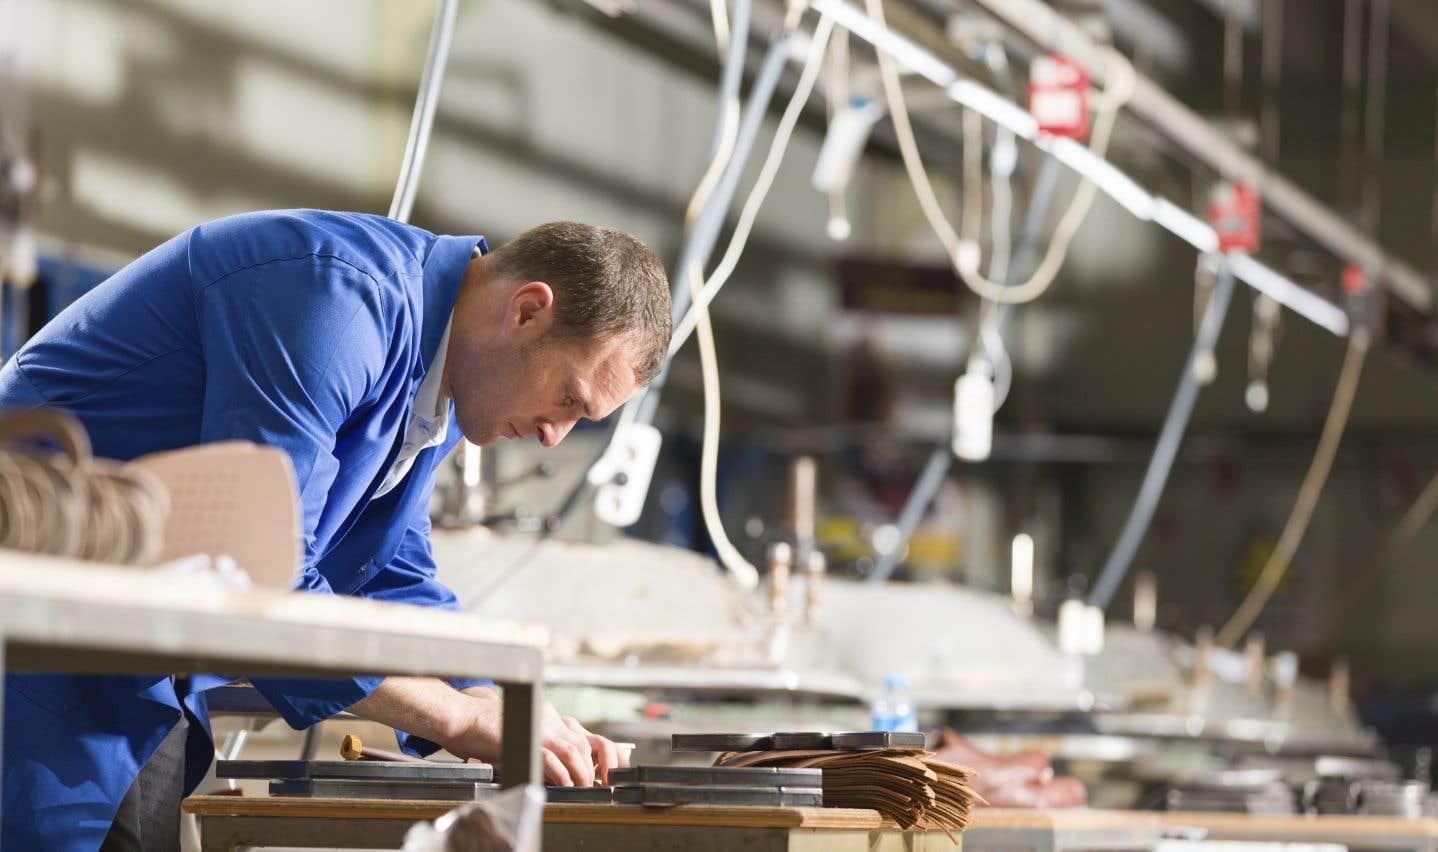 En novembre, les industries productrices de biens ont progressé de 0,8%, stimulées par le secteur manufacturier et celui de l'extraction minière, de l'exploitation en carrière et de l'extraction de pétrole et de gaz naturel, a indiqué Statistique Canada.